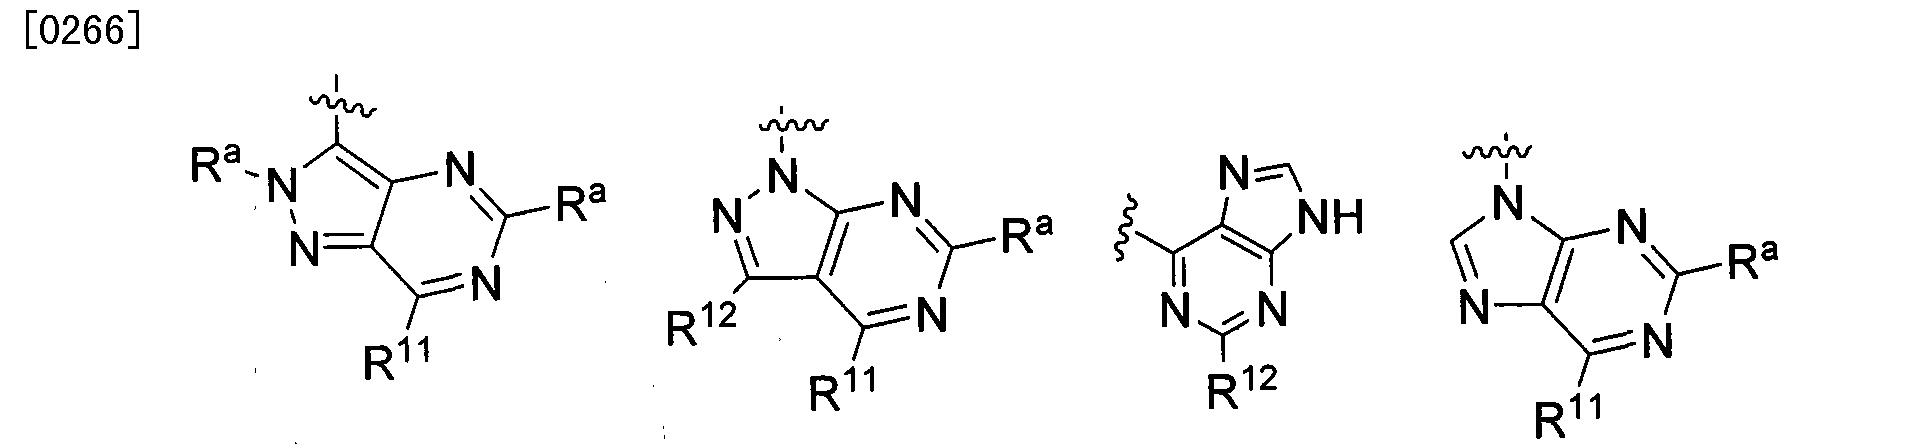 Figure CN101965335BD00341